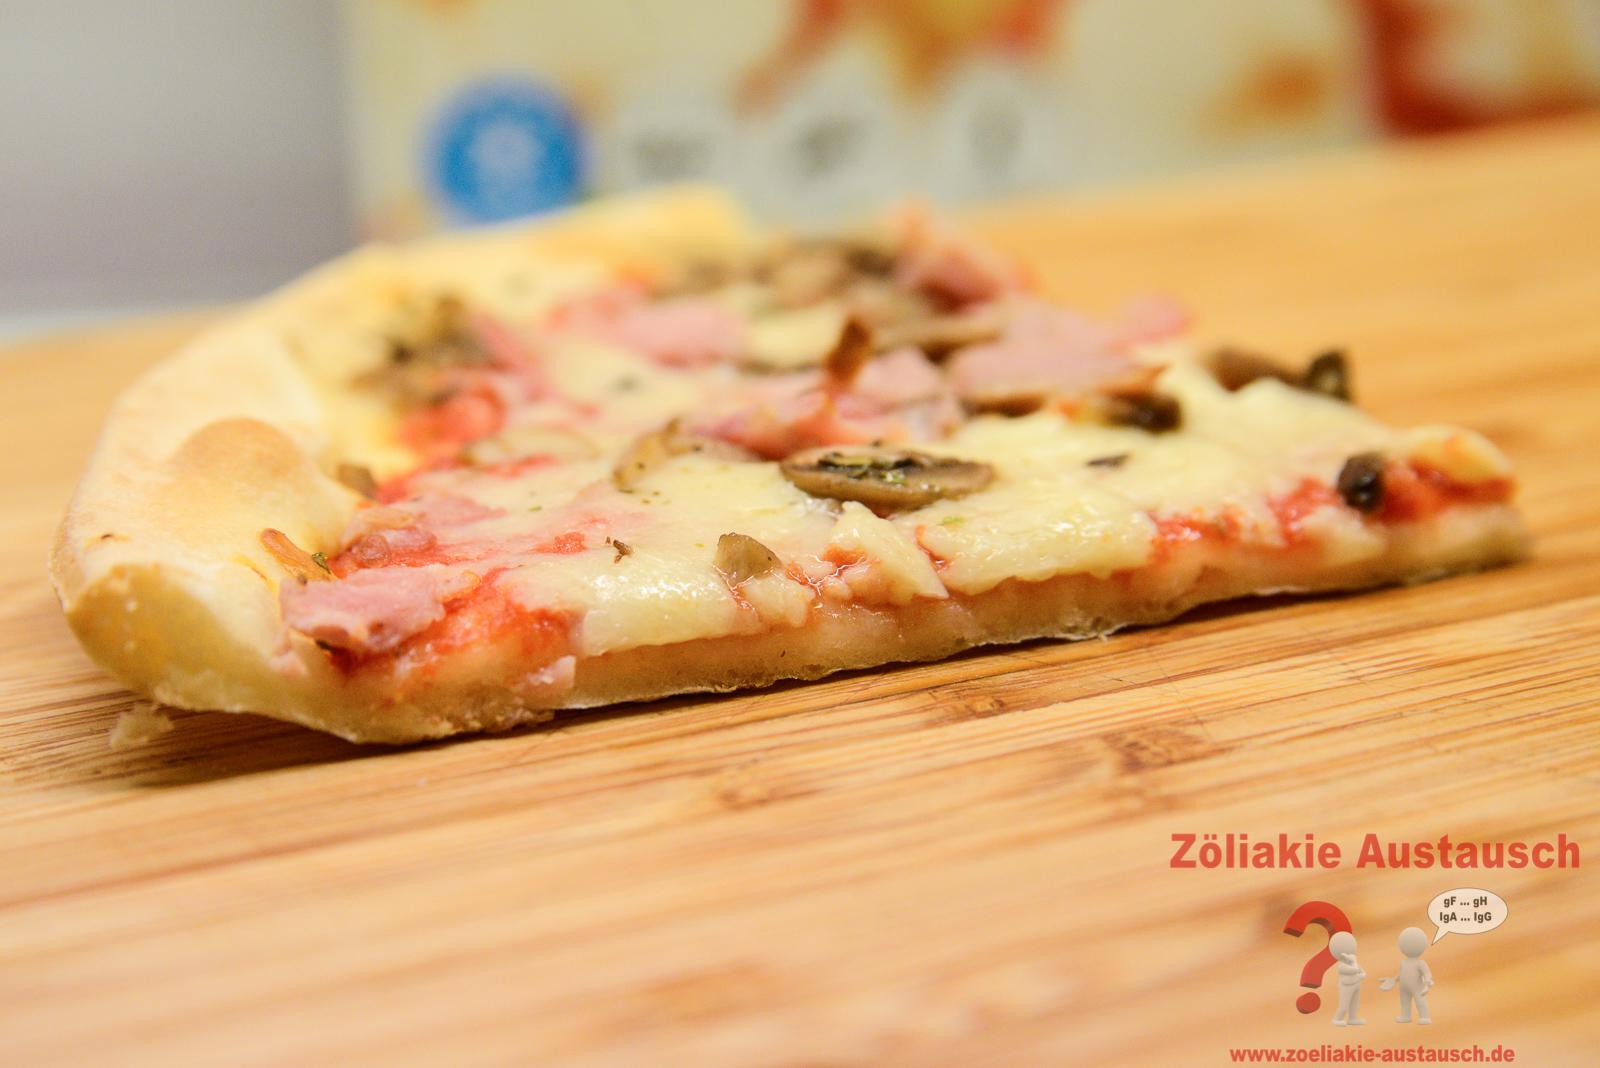 Schaer_Pizza-Zoeliakie_Austausch_033